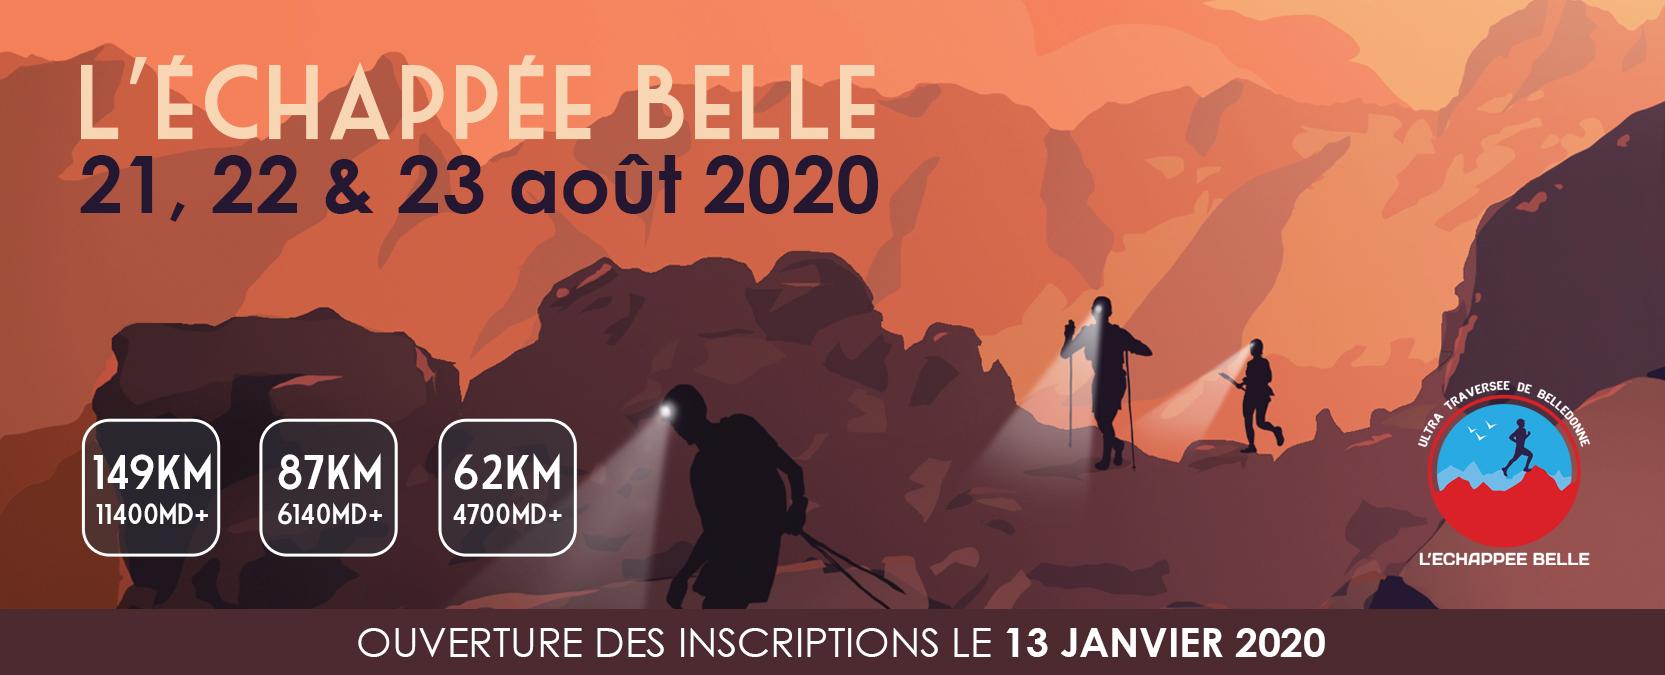 bandeau-facebook2020 Echappée Belle Coach Banfi